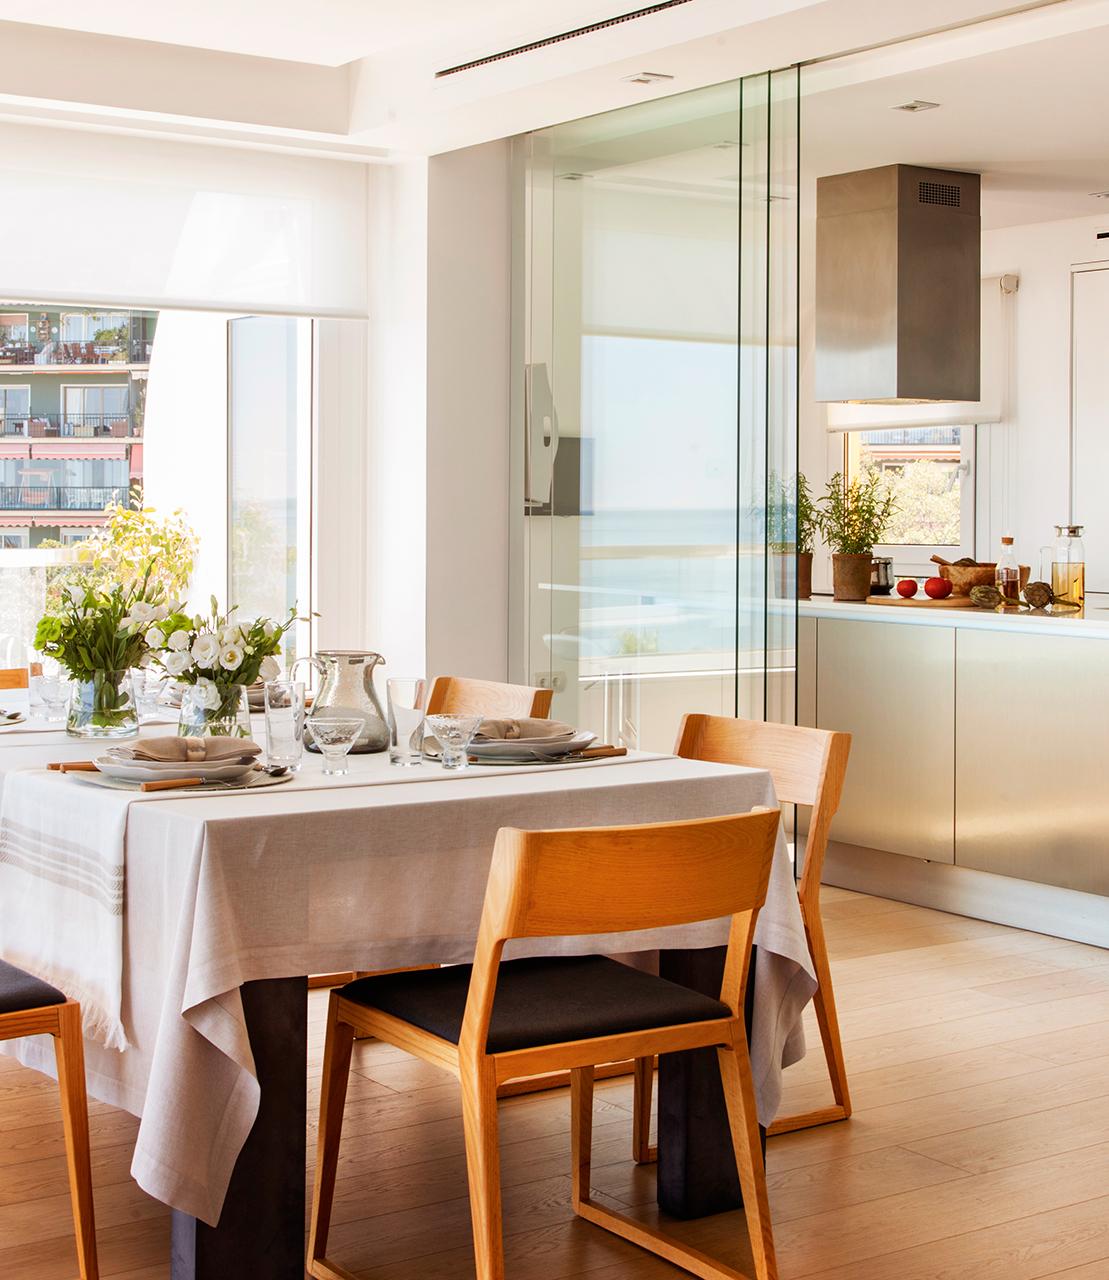 Claves para abrir la cocina al comedor o el saln y ganar metros y luz